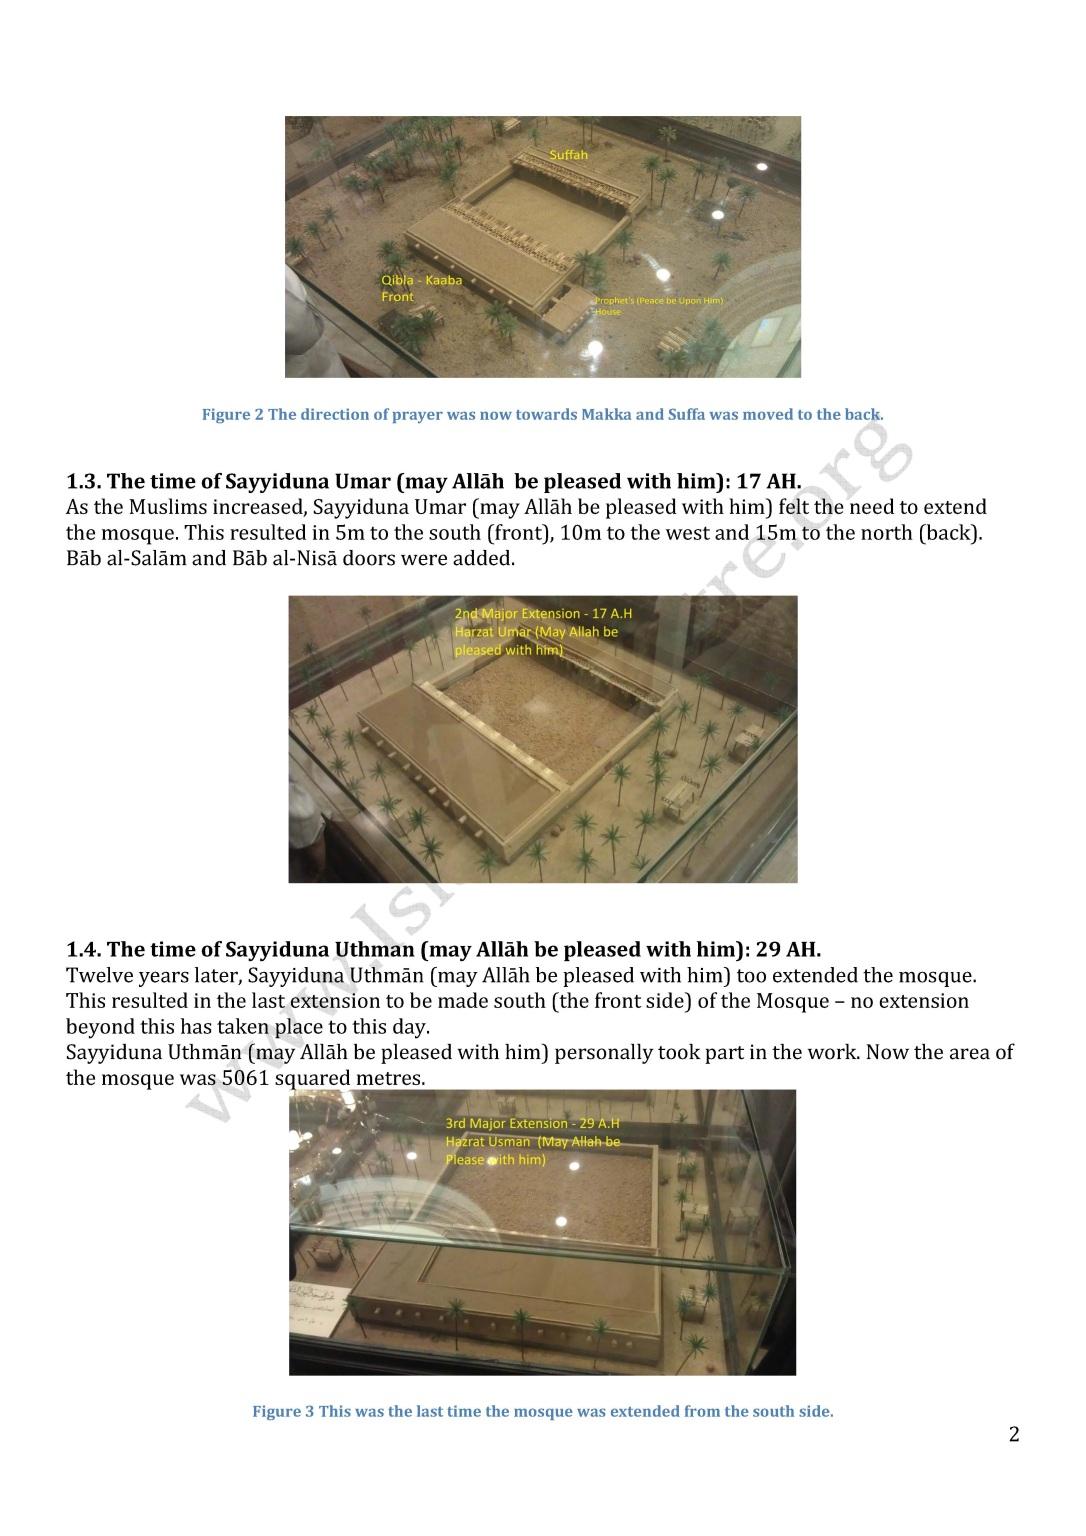 HistoryofMasjidNabawi_Page_02